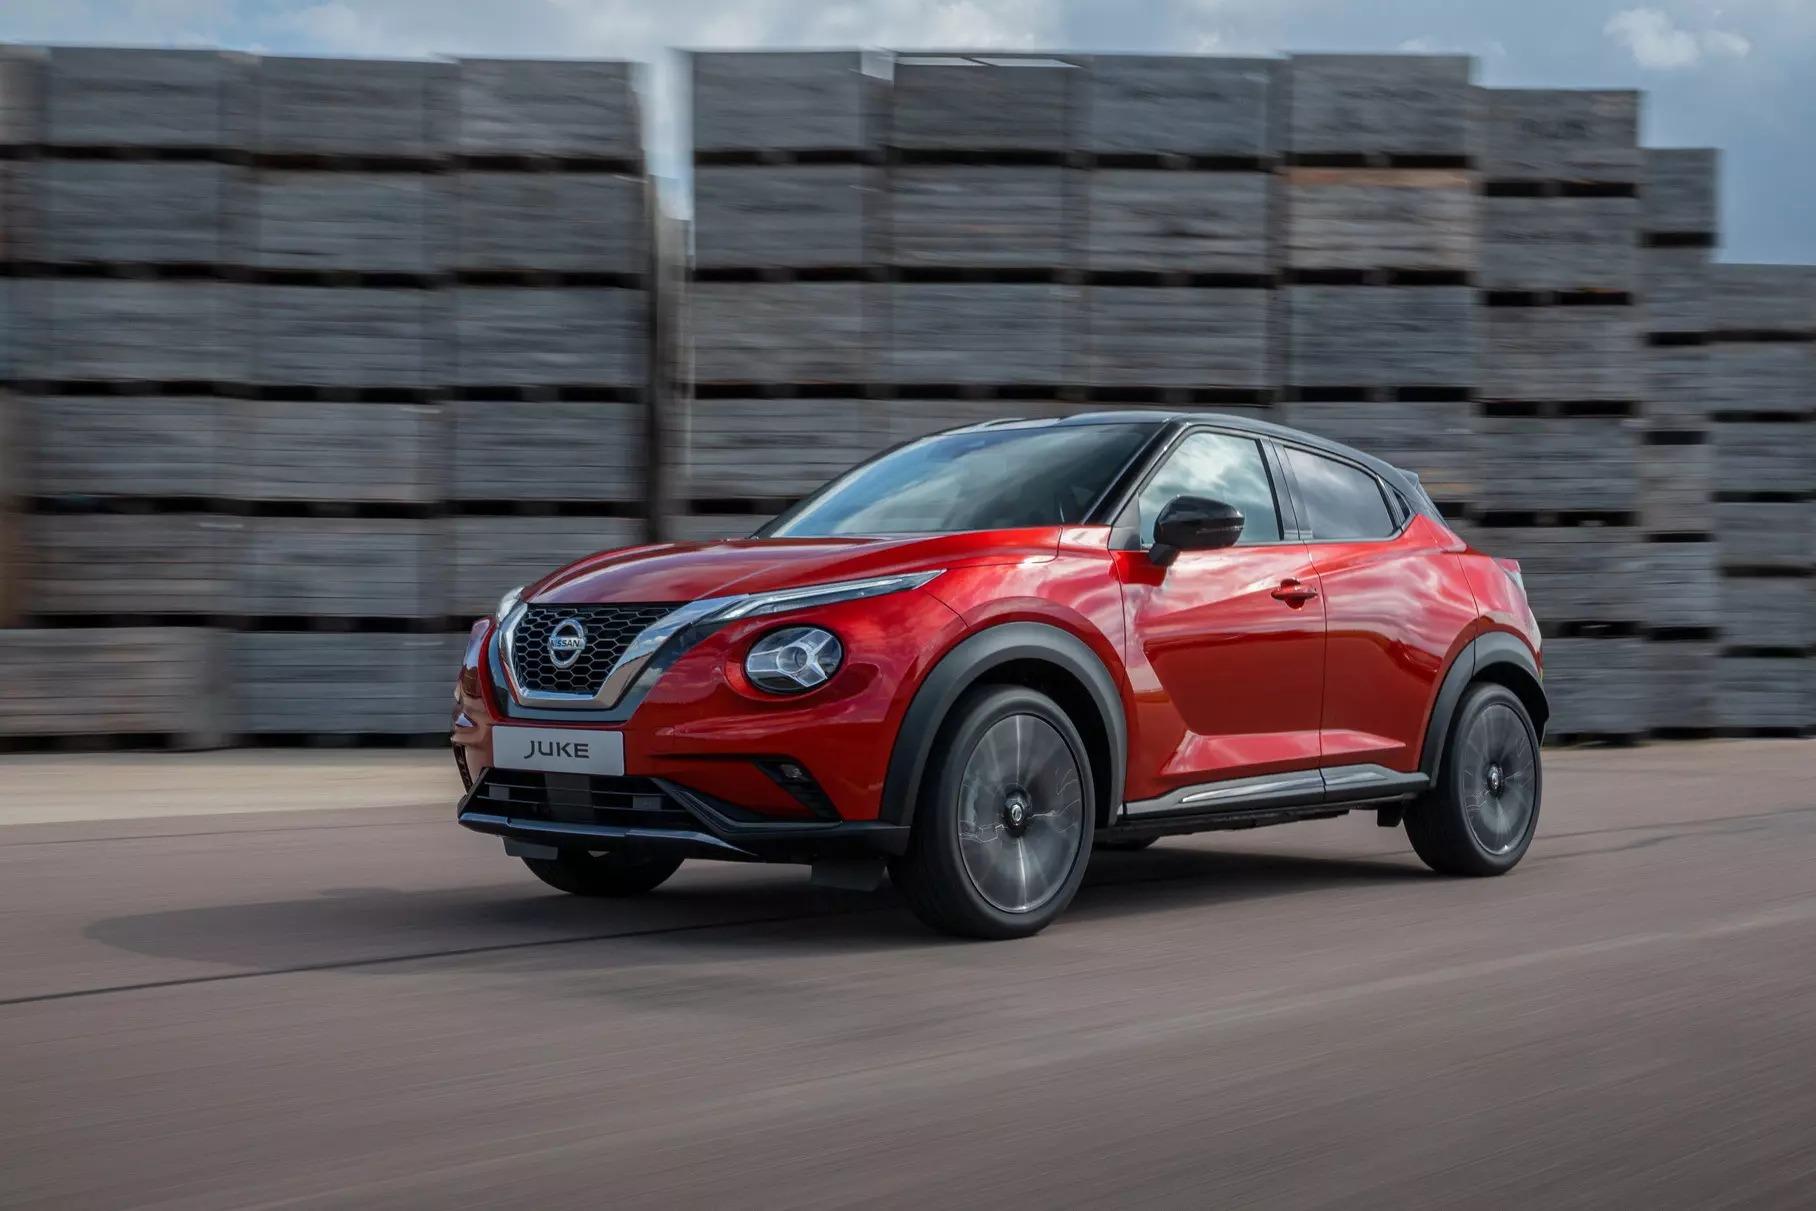 Nissan Juke замена масла в двигателе